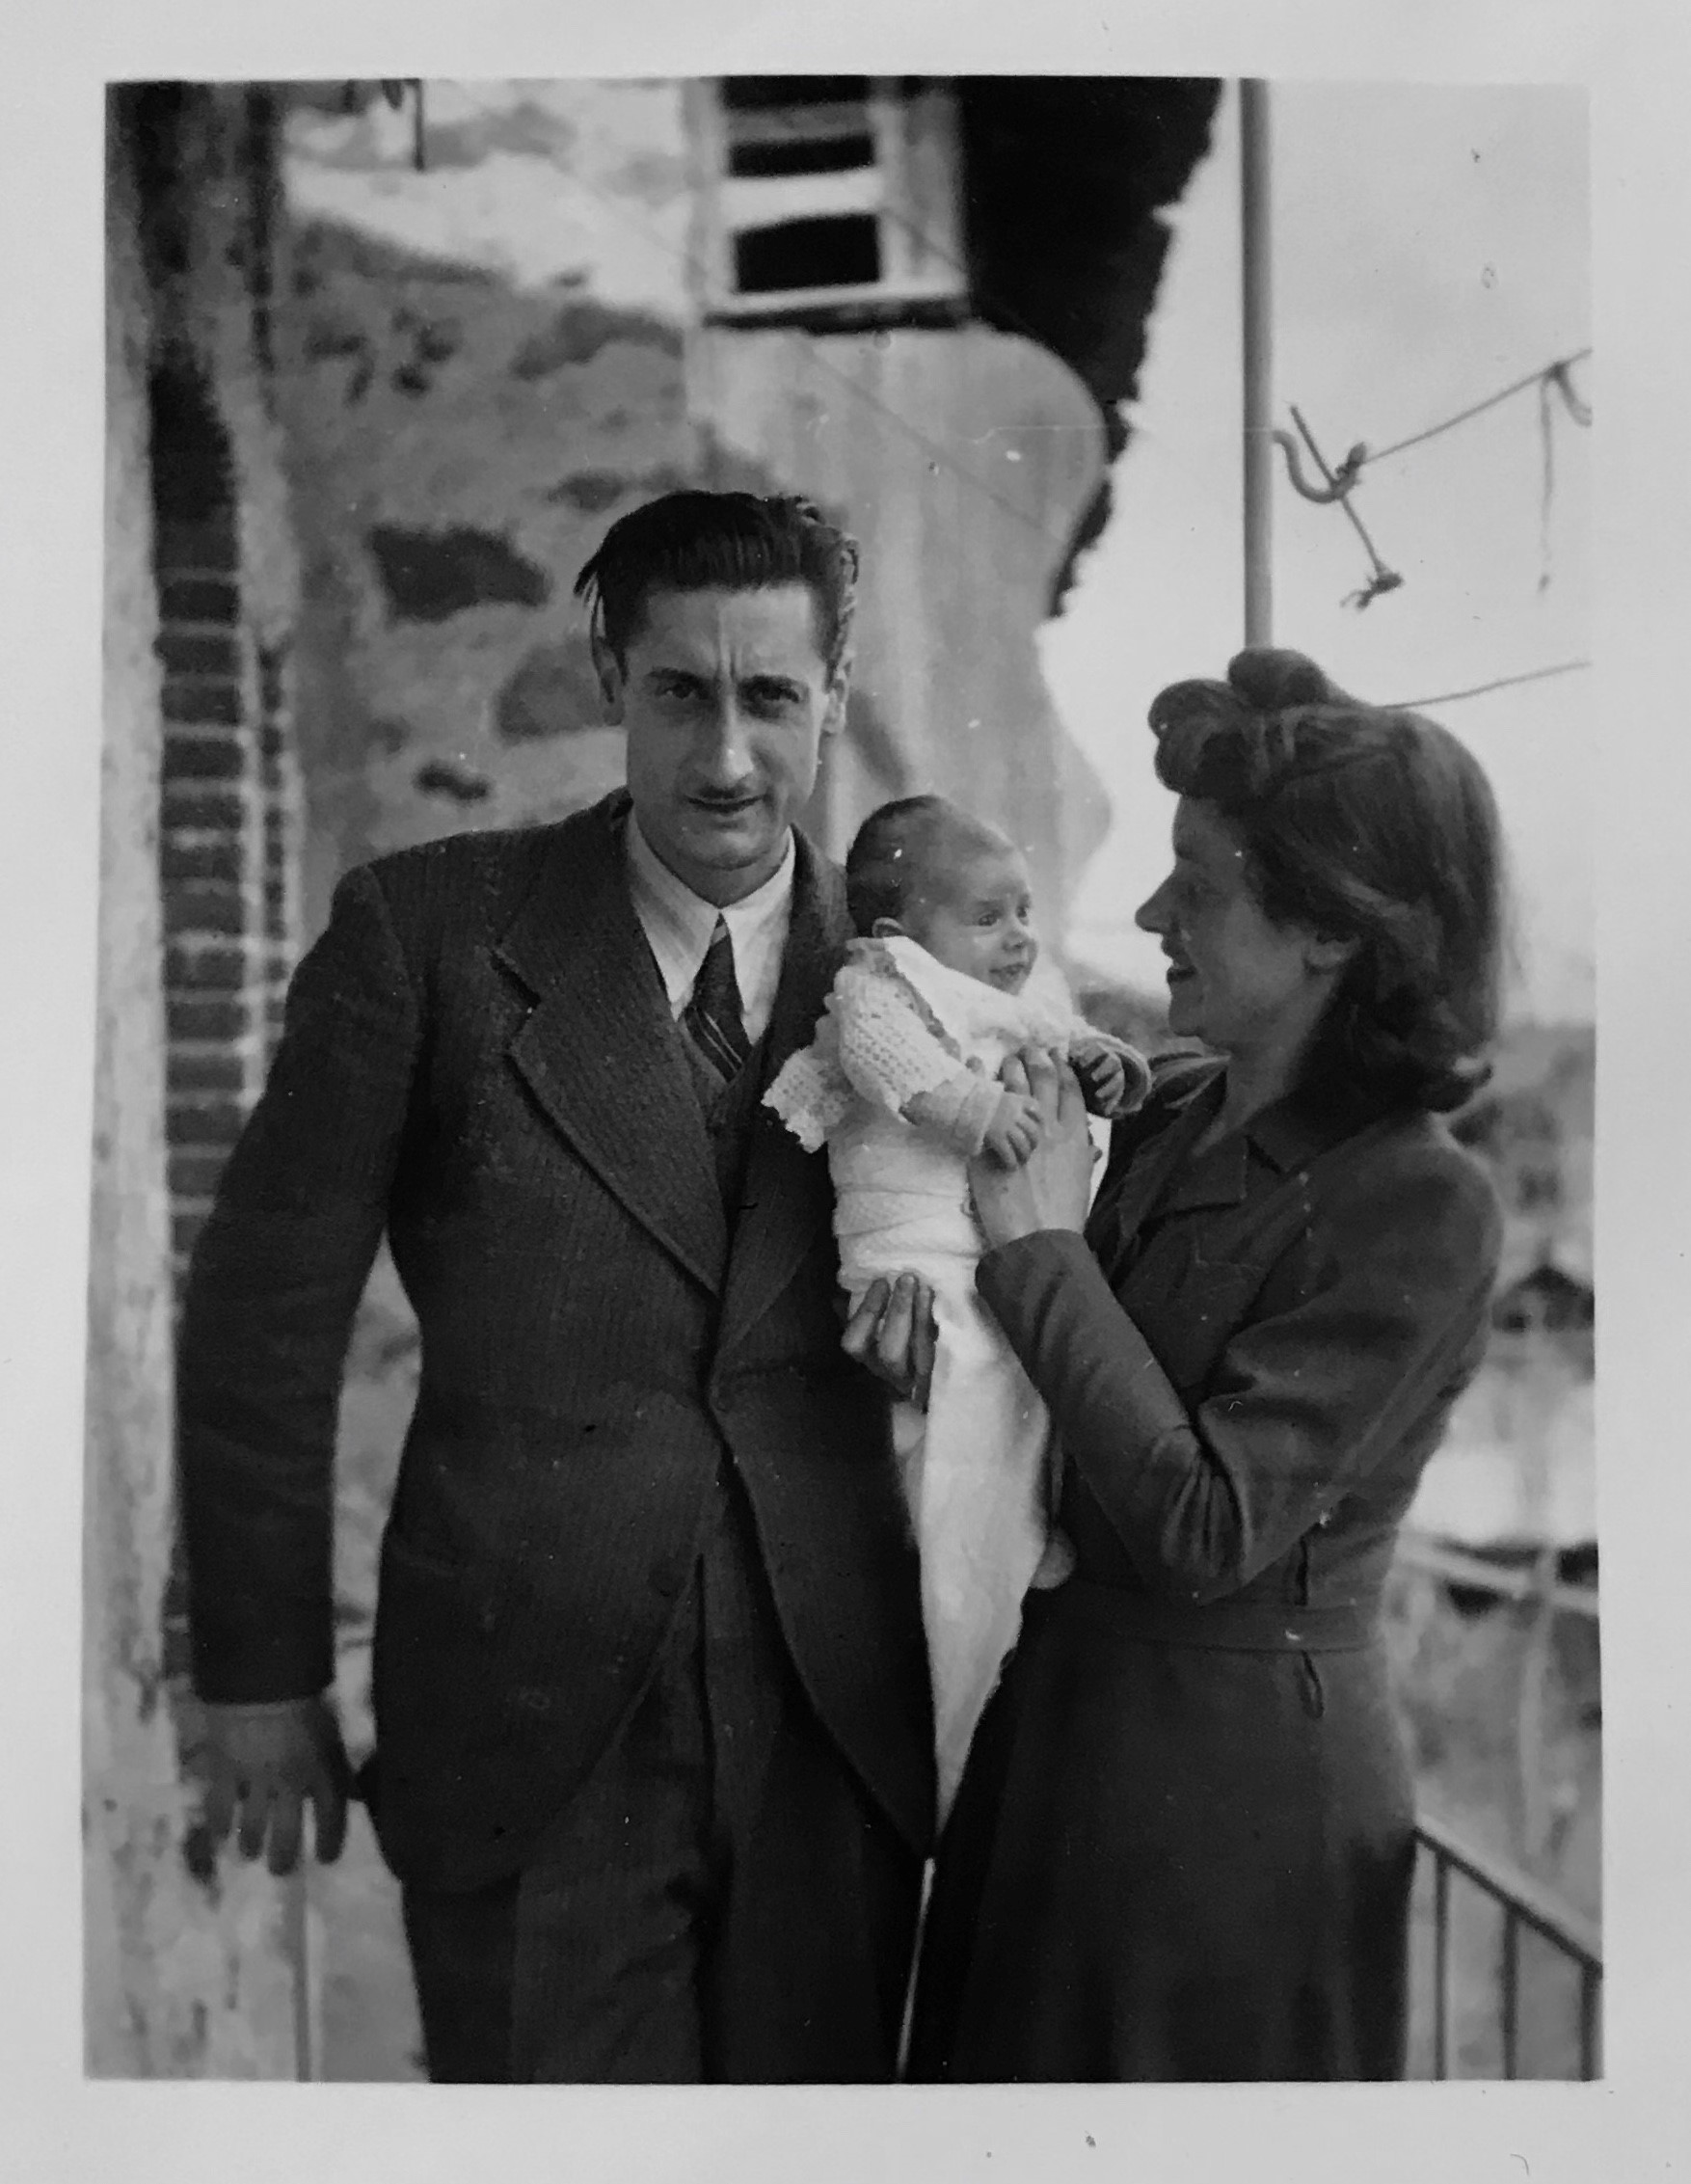 Une histoire d'amour sous l'occupation italienne, de Audrey Gordon